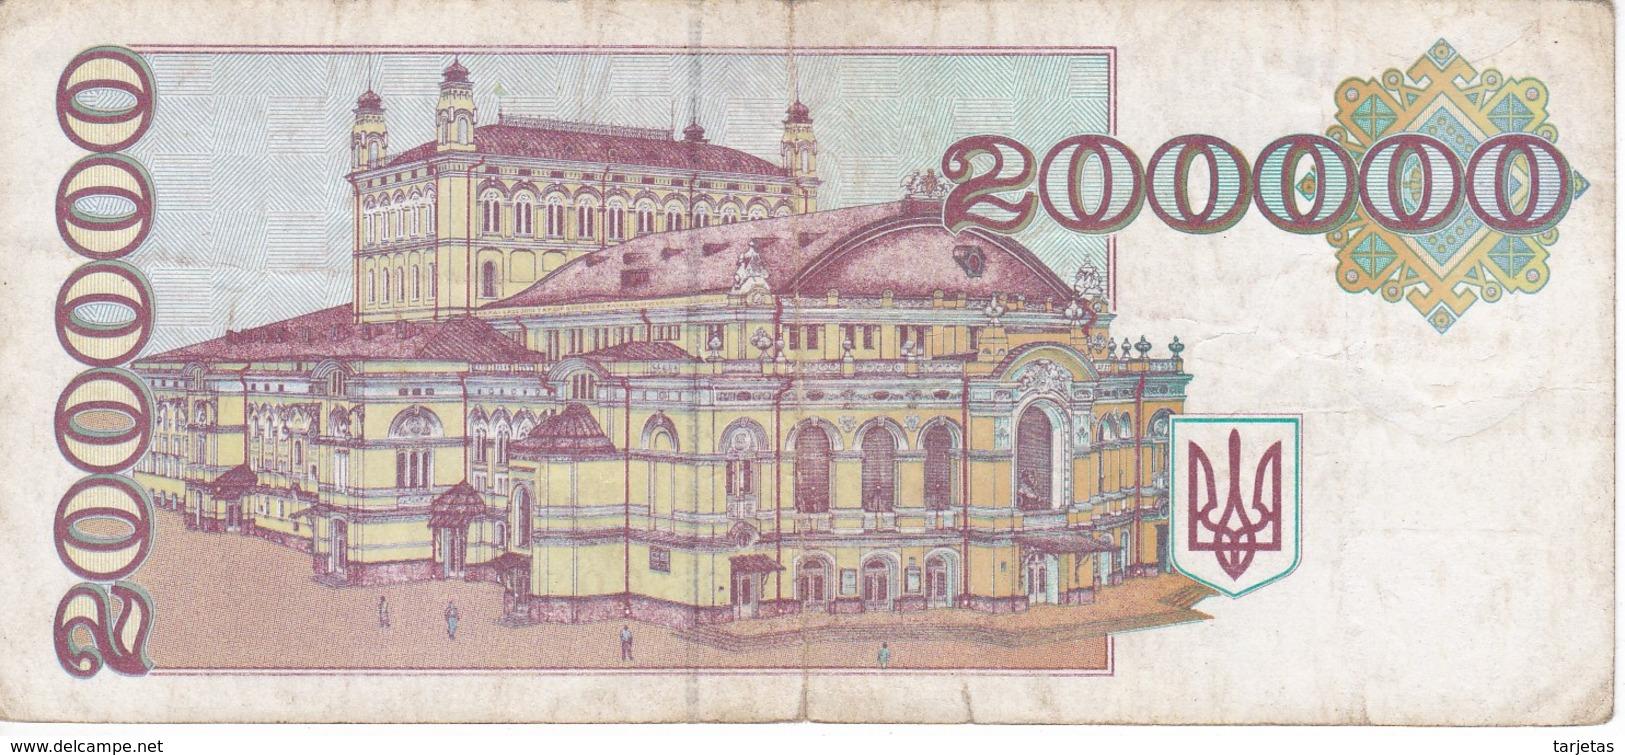 BILLETE DE UKRANIA DE 200000 KYNOH DEL AÑO 1994 (BANKNOTE-BANK NOTE) UCRANIA - Ucrania